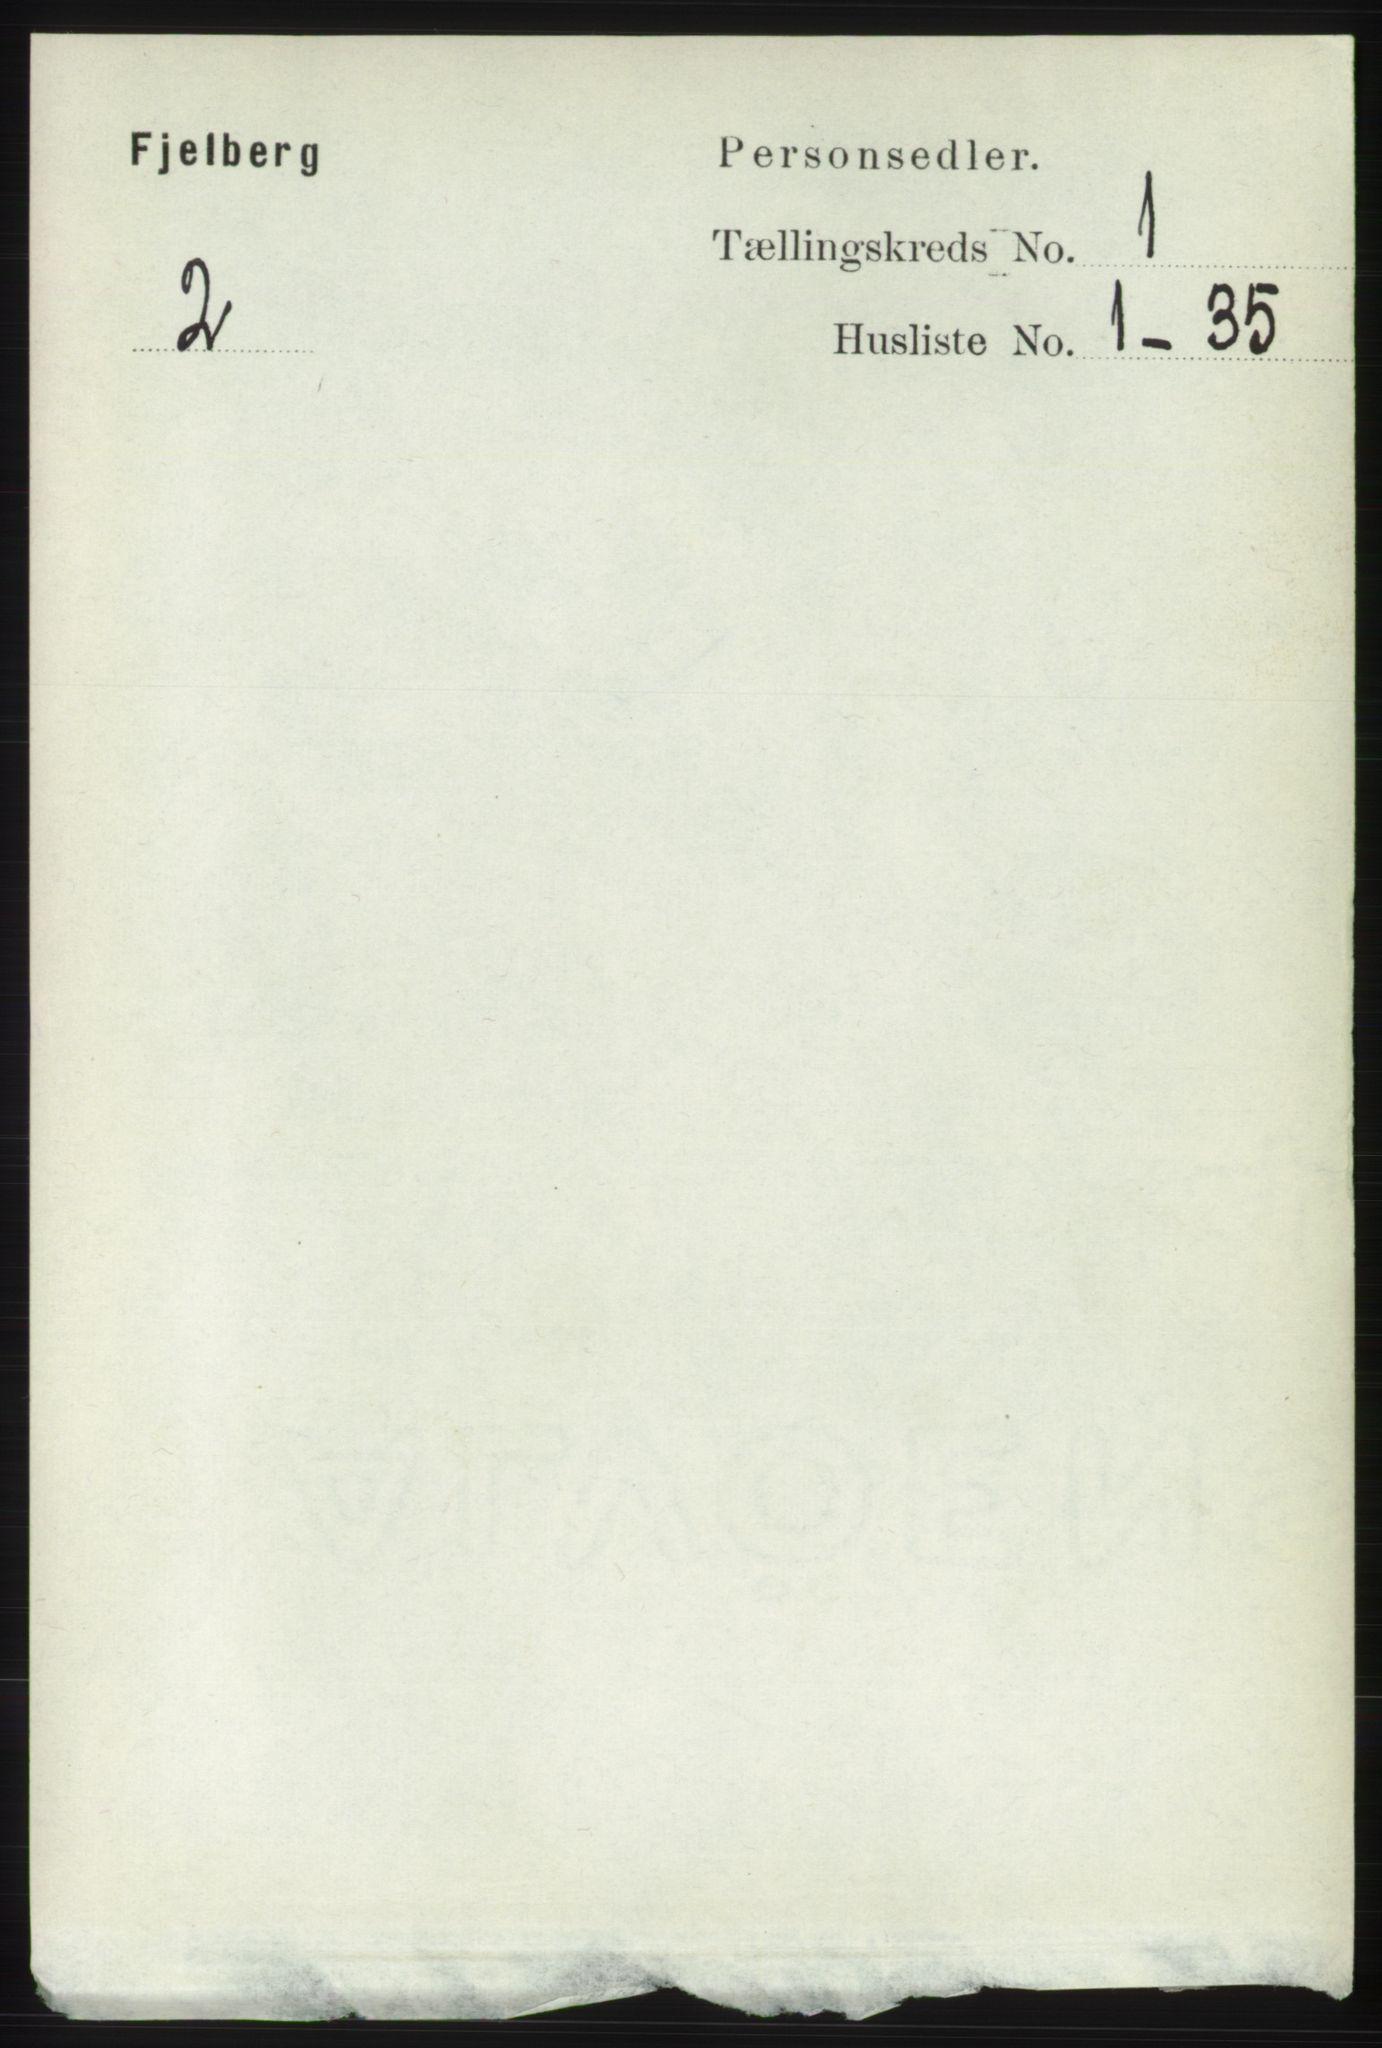 RA, Folketelling 1891 for 1213 Fjelberg herred, 1891, s. 100